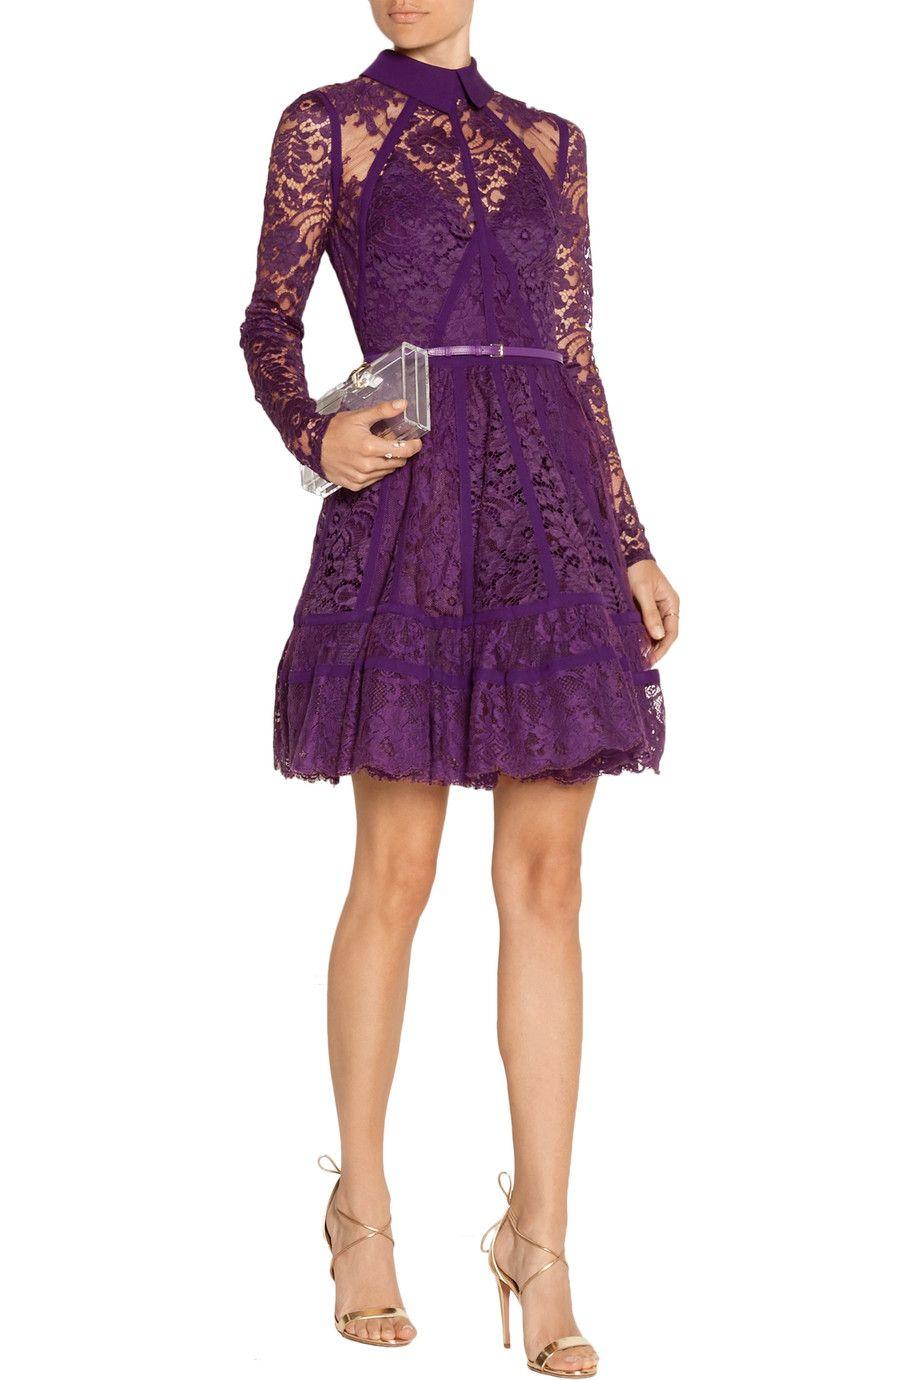 Elie Saab purple lace dress   Style   Pinterest